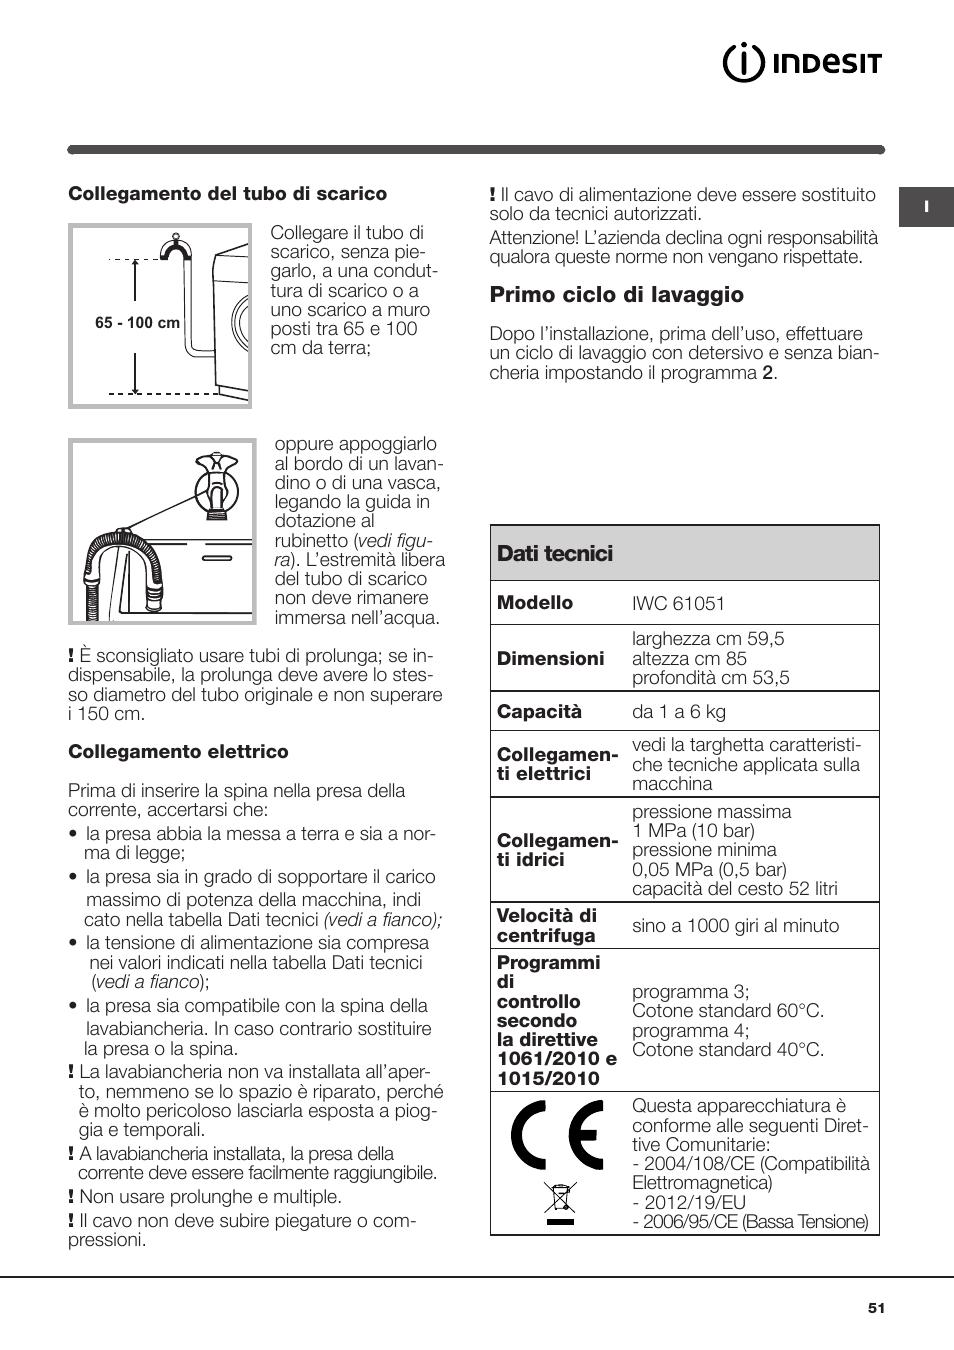 indesit iwc 61051 eu user manual page 51 72 original mode rh manualsdir com indesit iwc 61051 eco manual indesit iwc 61051 eco manual